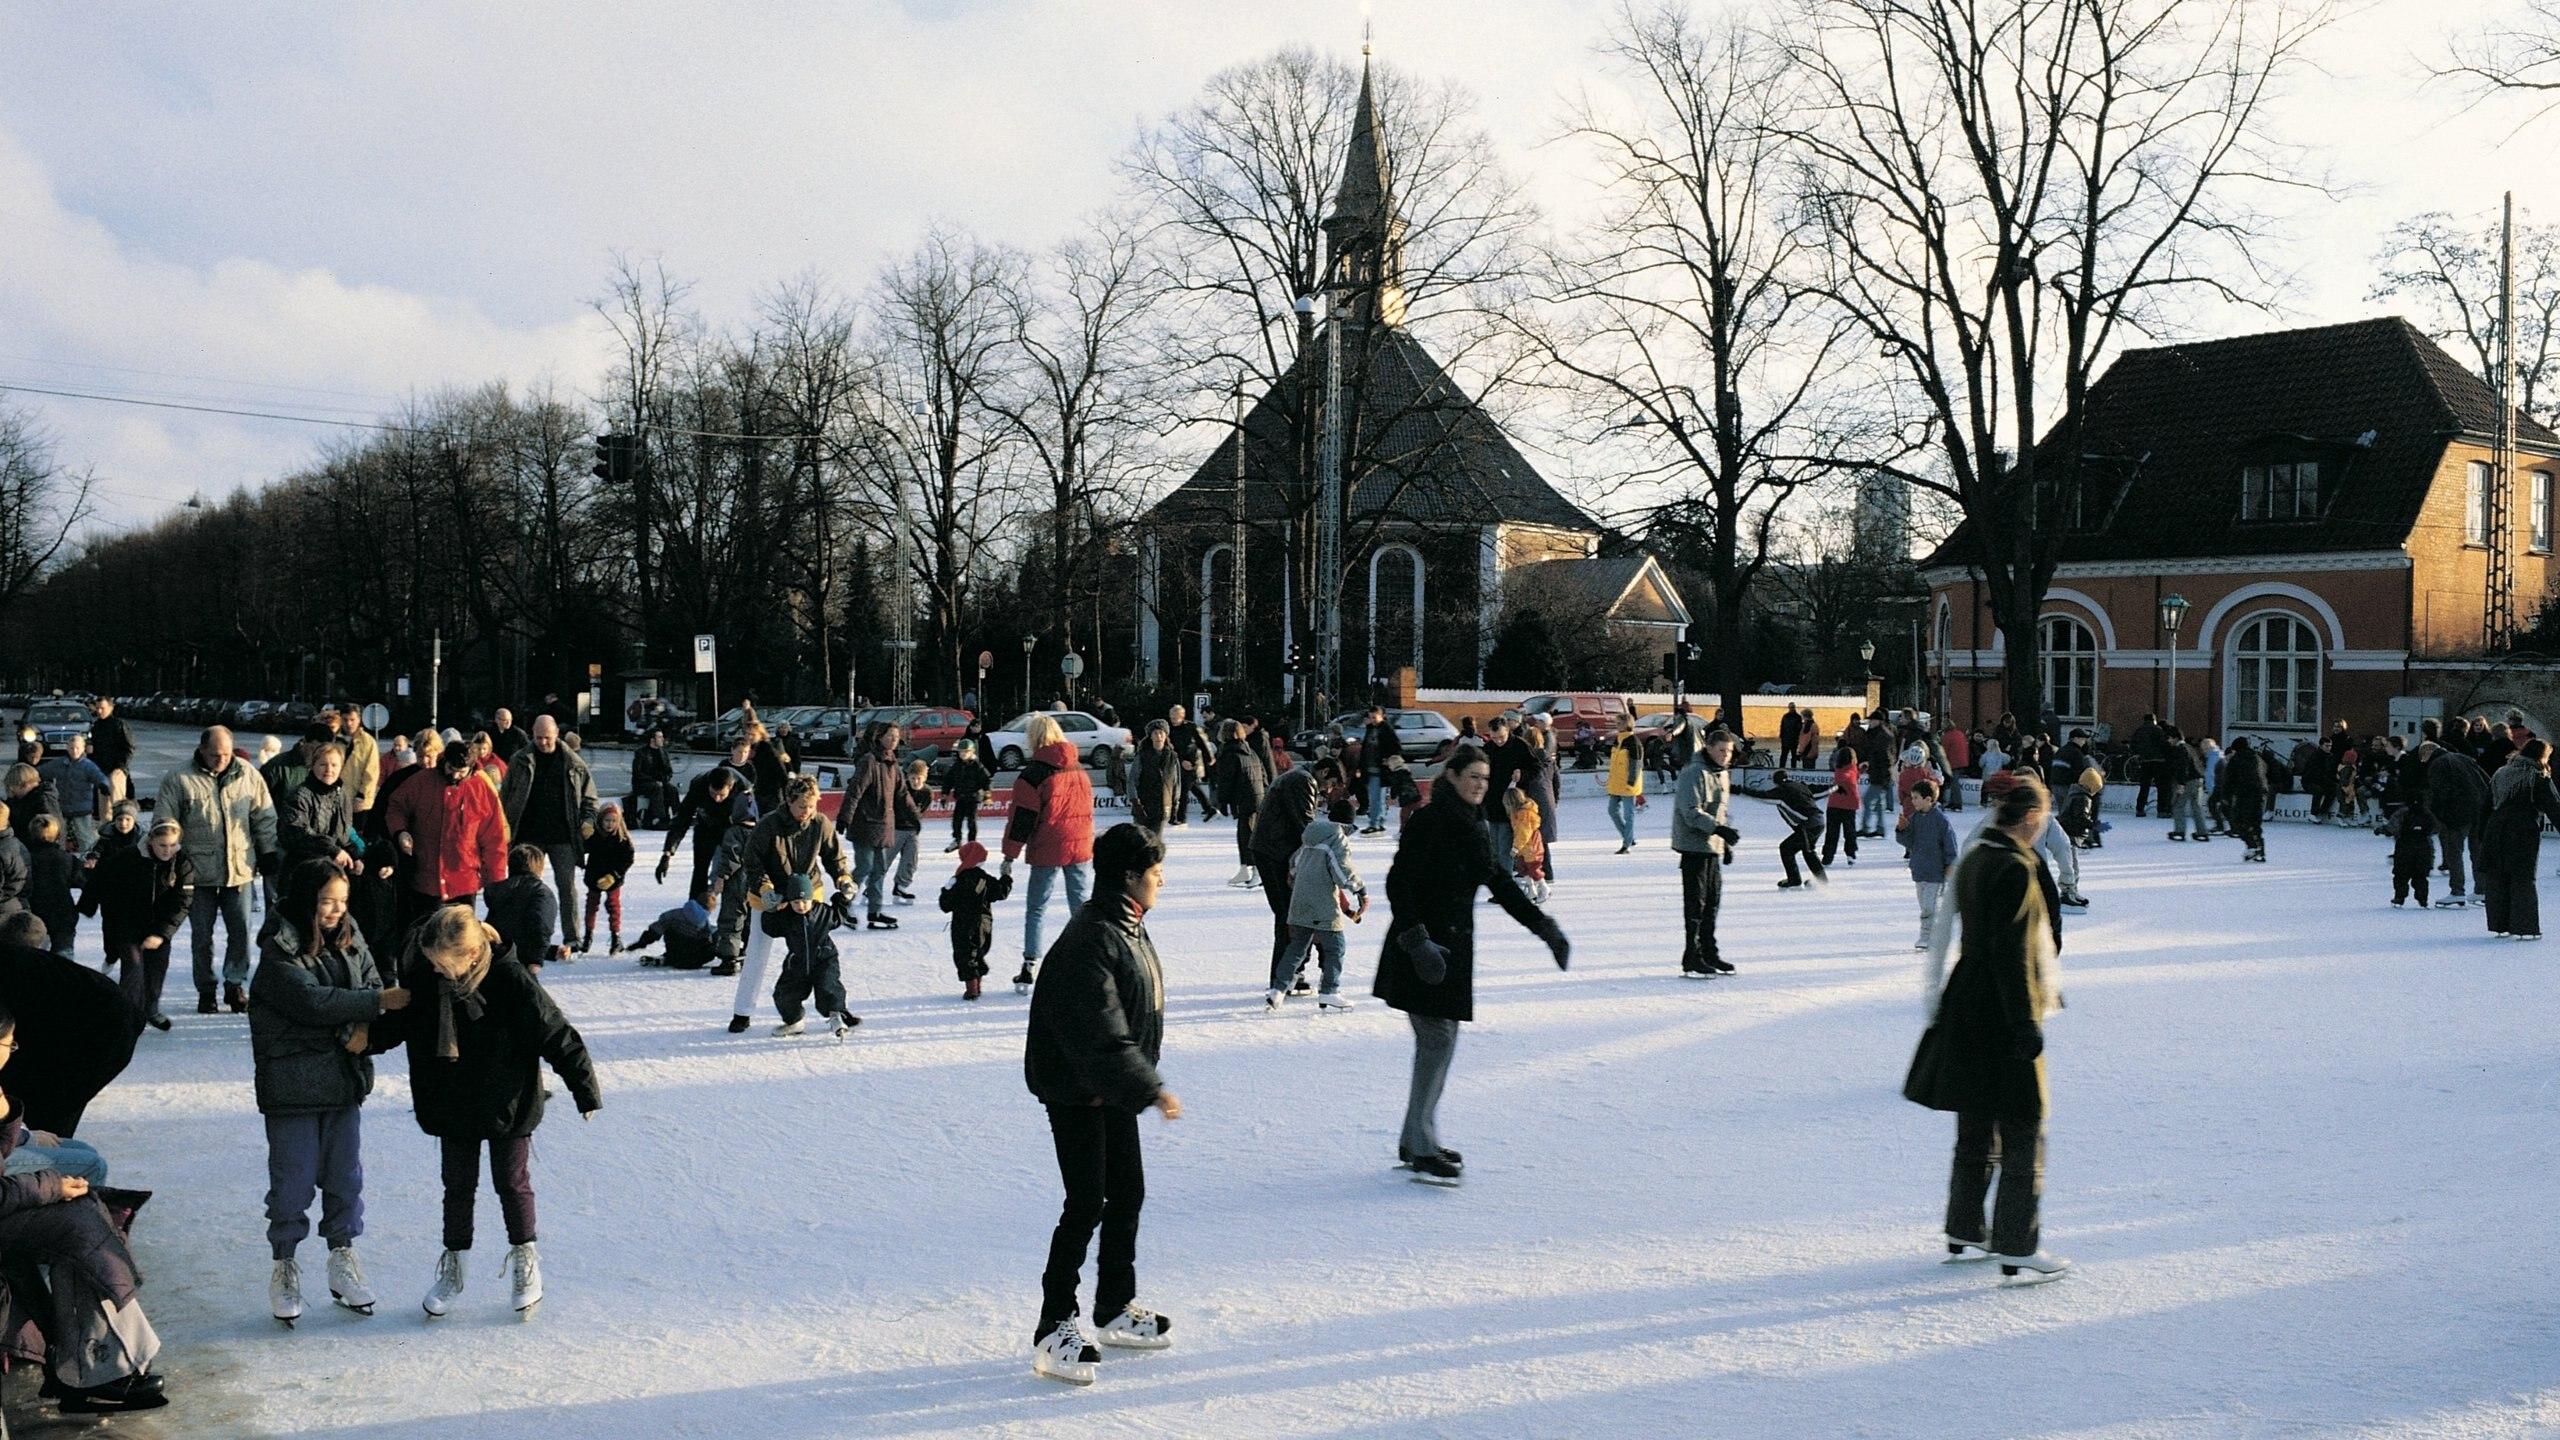 Frederiksberg, Hovedstaden, Denmark